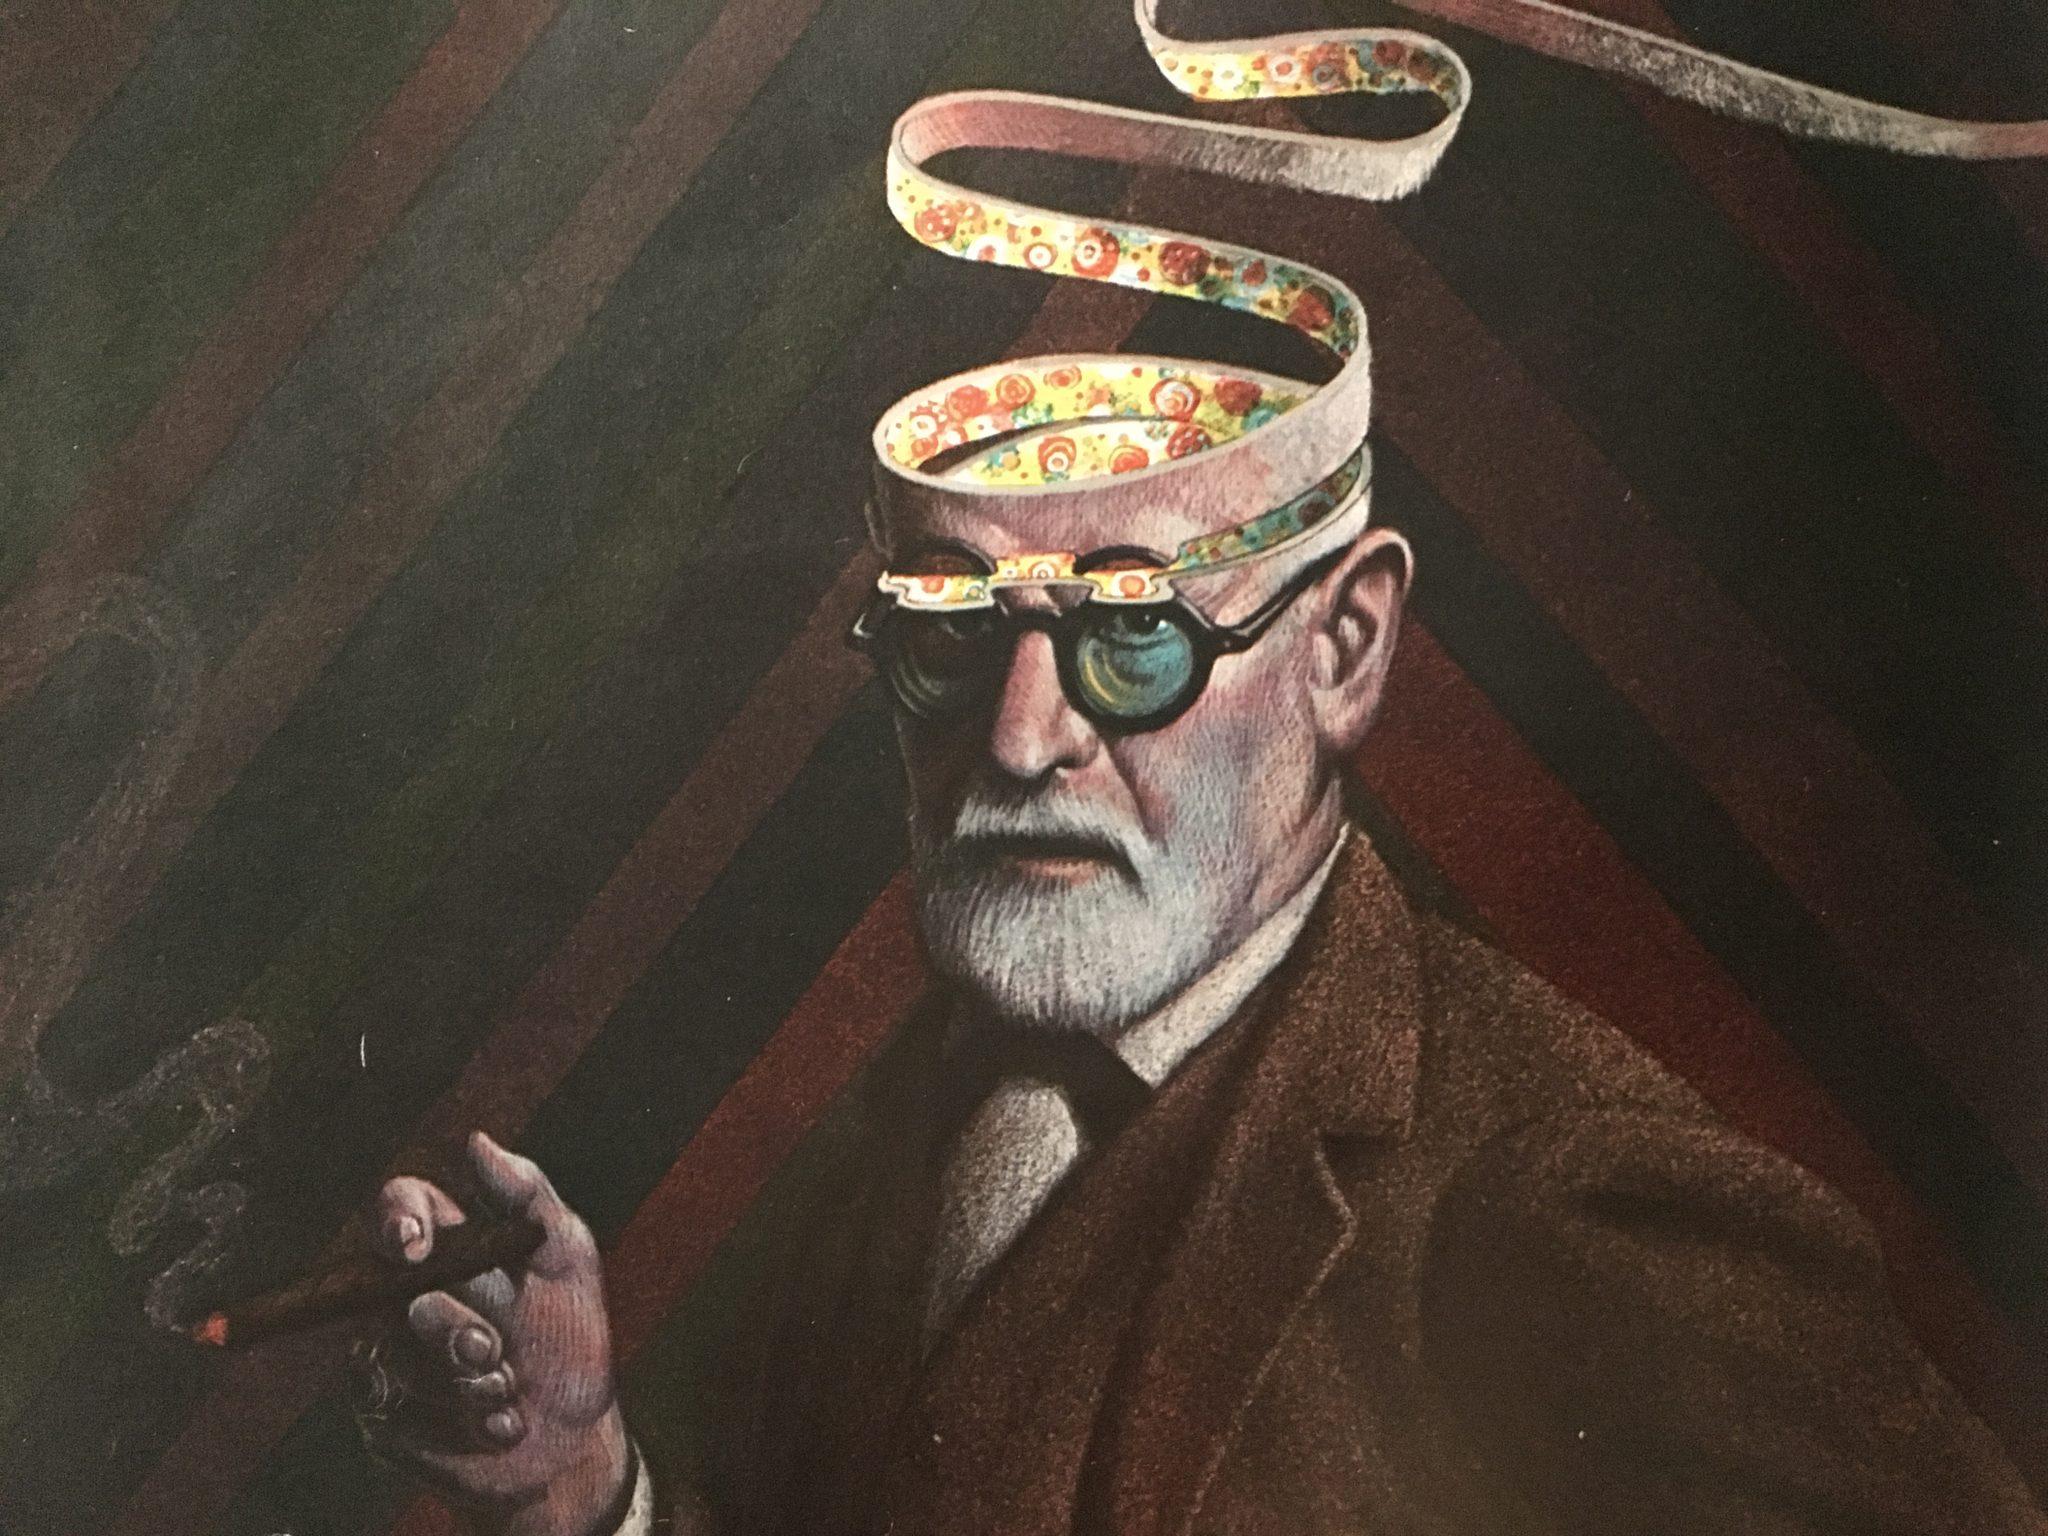 20 Frases De Sigmund Freud Que Farão Você Refletir Sobre Sua Vida